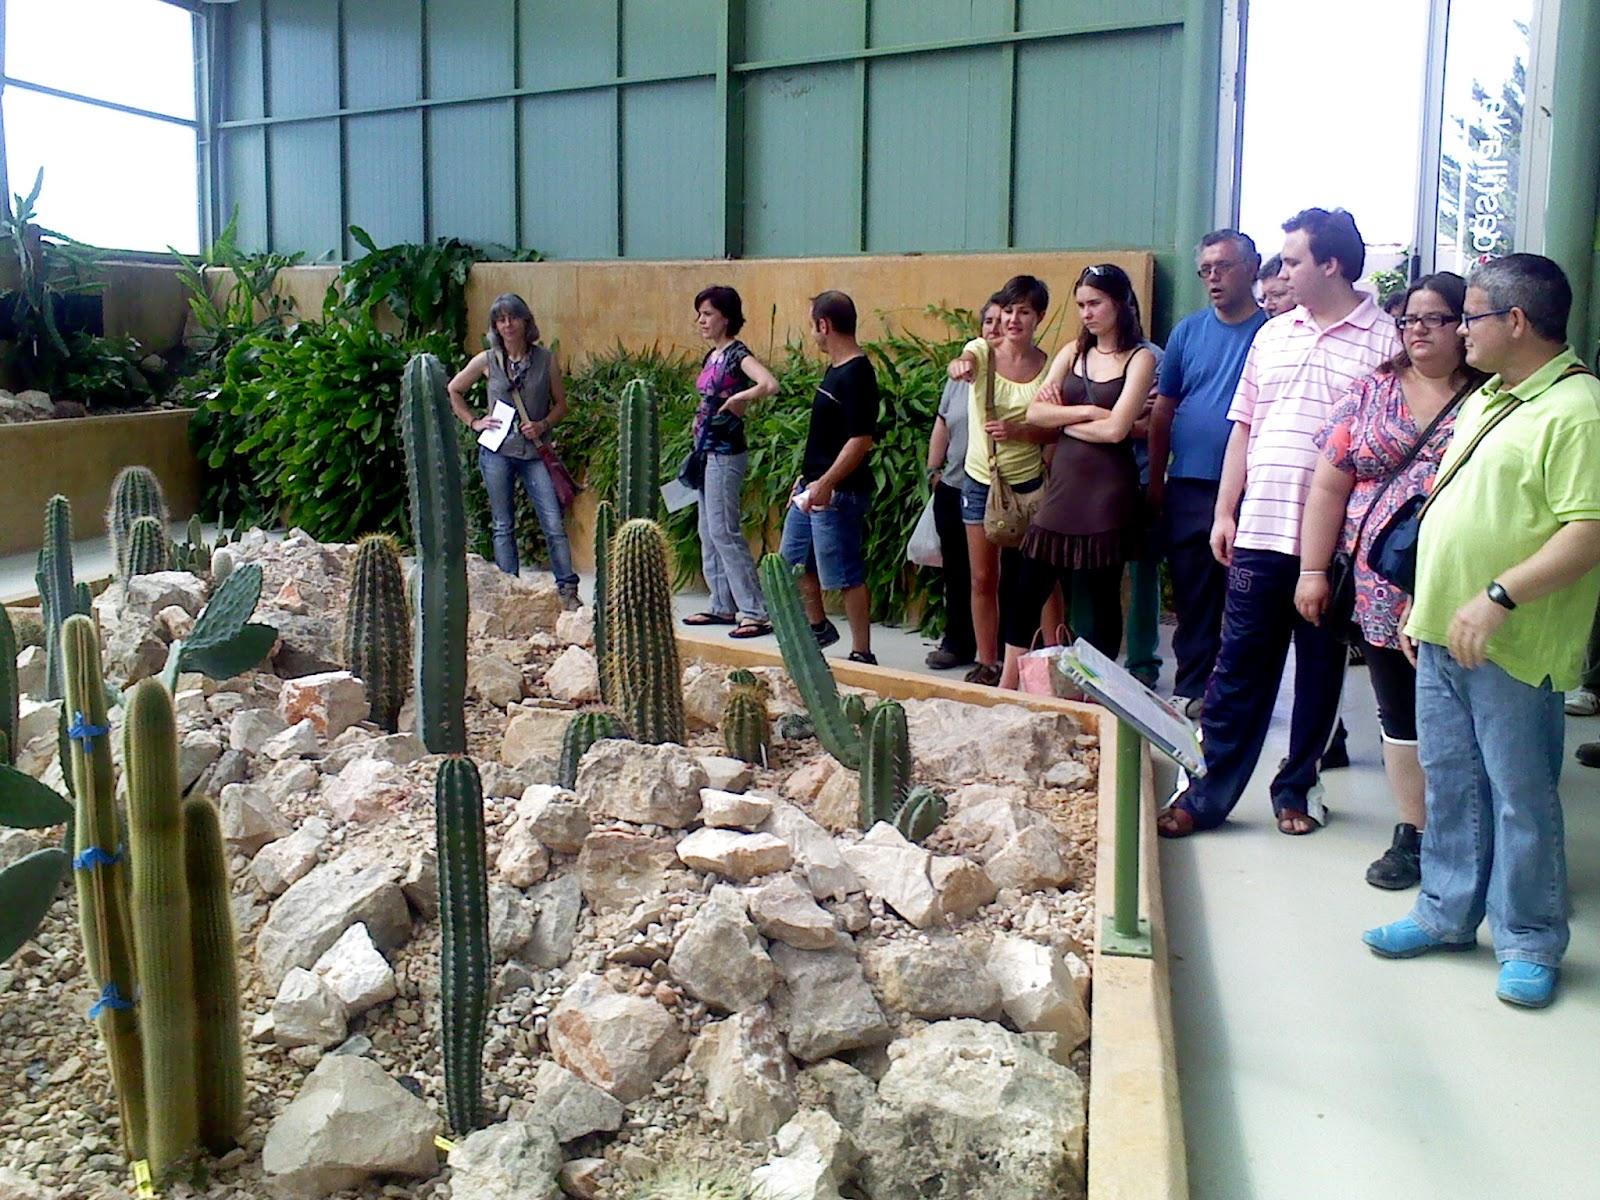 Voluntariado afaeps junio natural visita al jard n bot nico de castilla la mancha - Jardin botanico de castilla la mancha ...